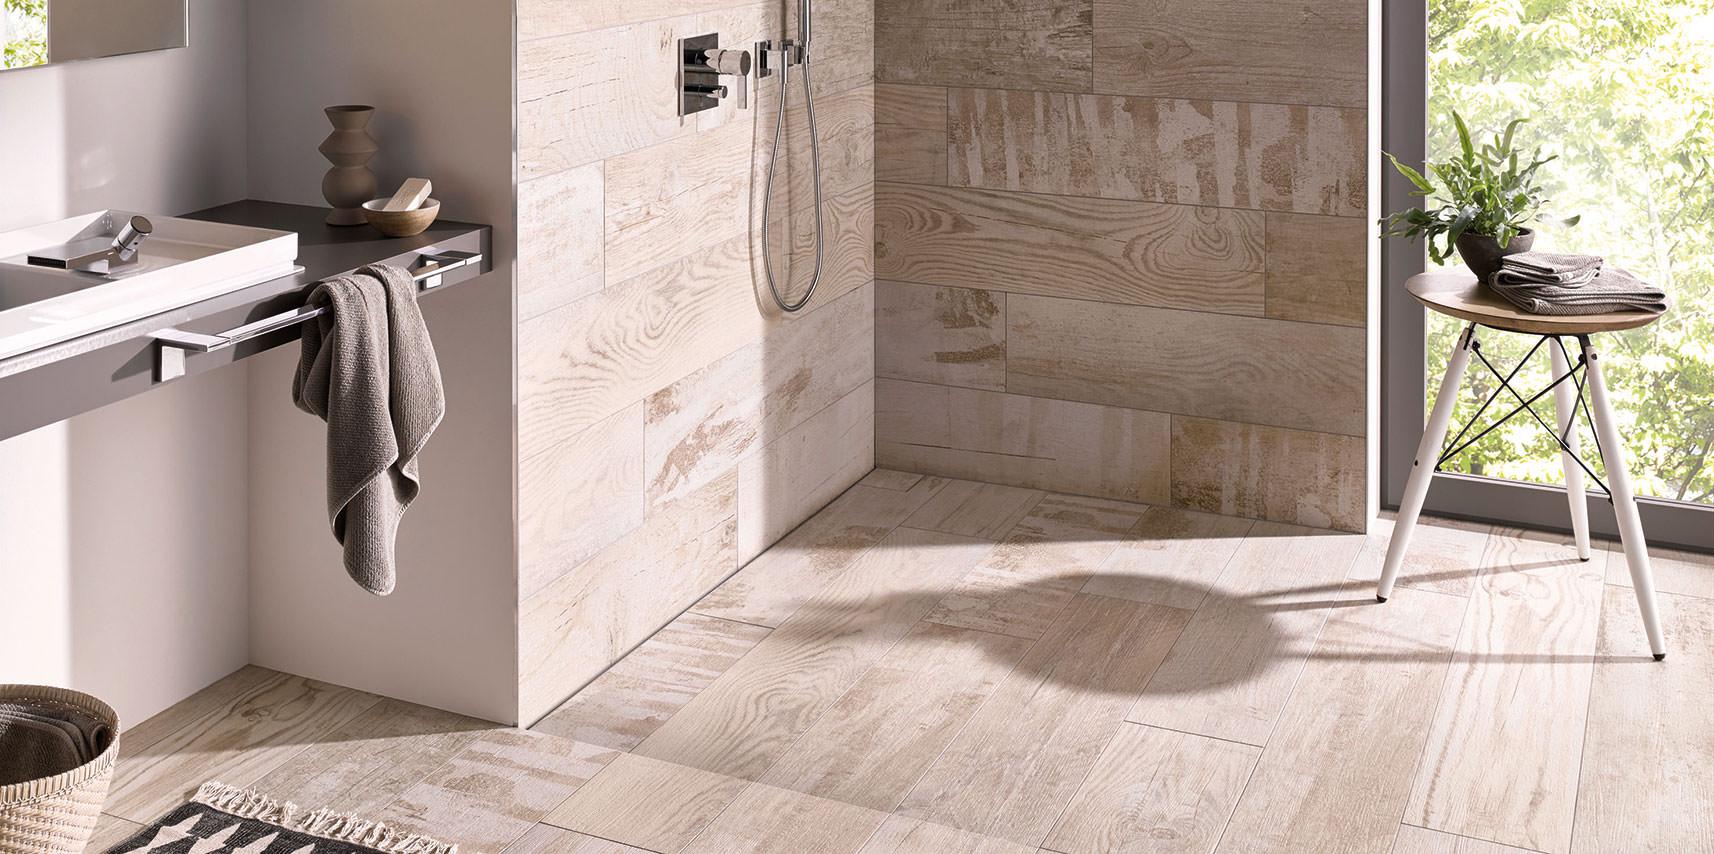 bersicht bodengleiche duschen und duschsysteme. Black Bedroom Furniture Sets. Home Design Ideas